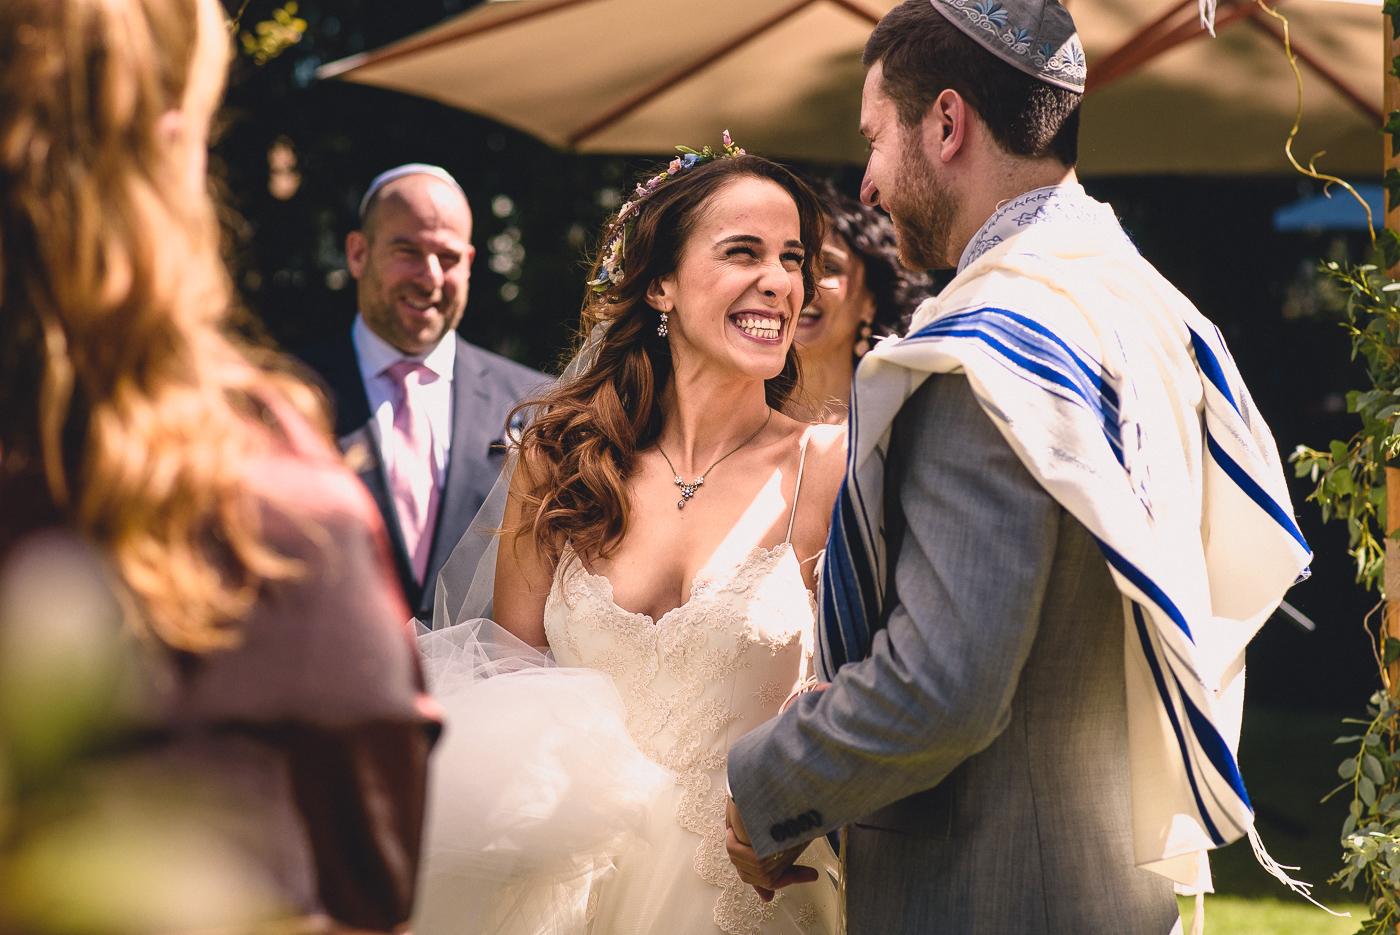 matrimonio judio fotografías